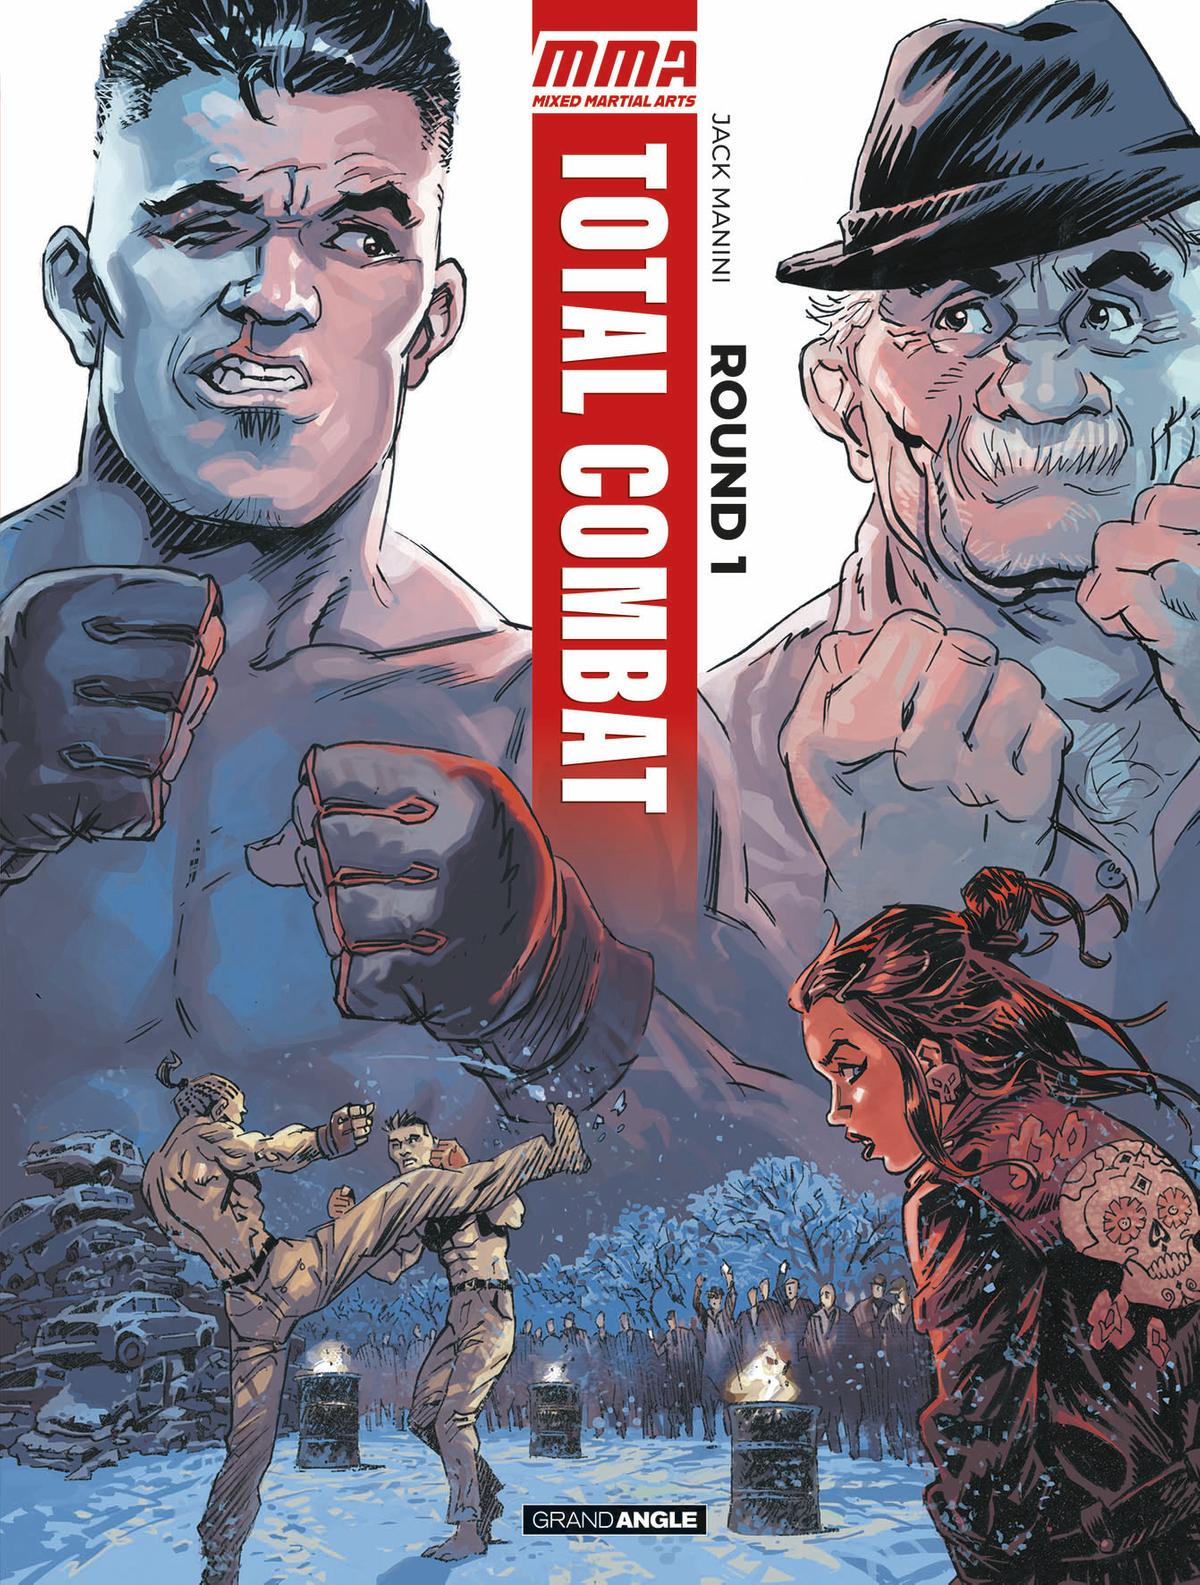 En librairie: Total combat, une BD sur le Free fight / MMA V8vkw